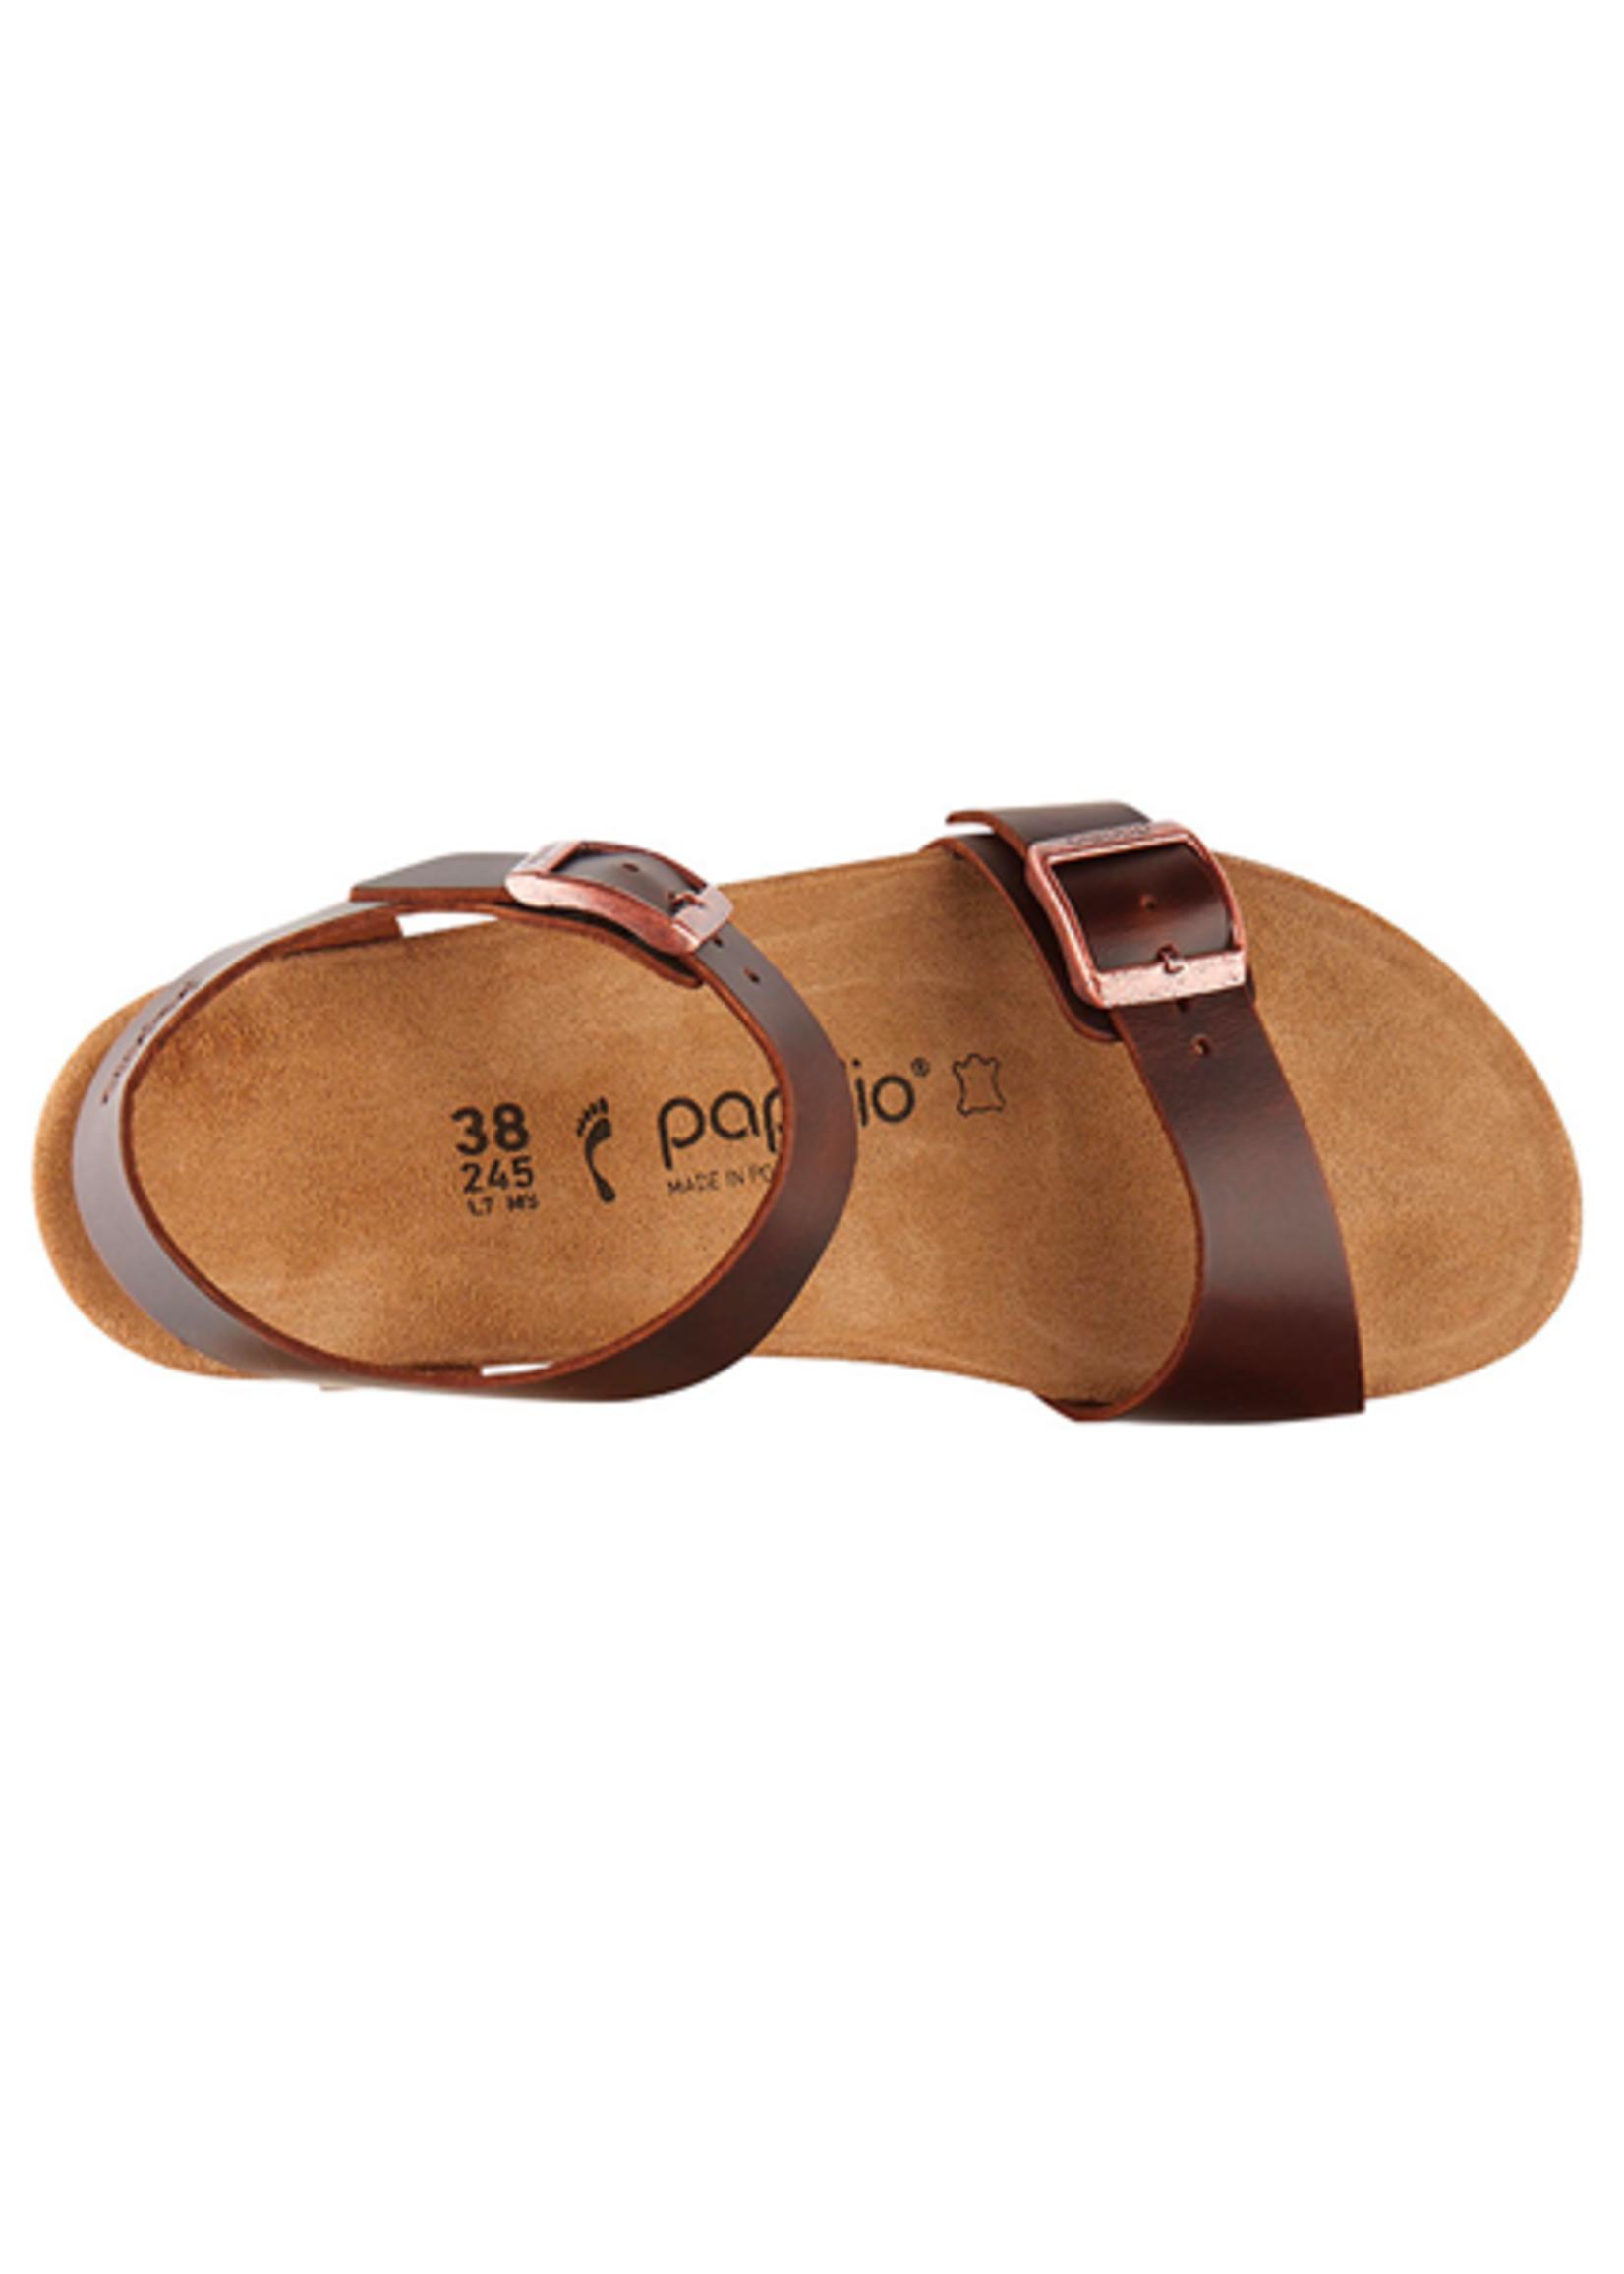 Birkenstock Soley - Natural Leather in Cognac (Papillio Wedge Heel -Suede Lined)